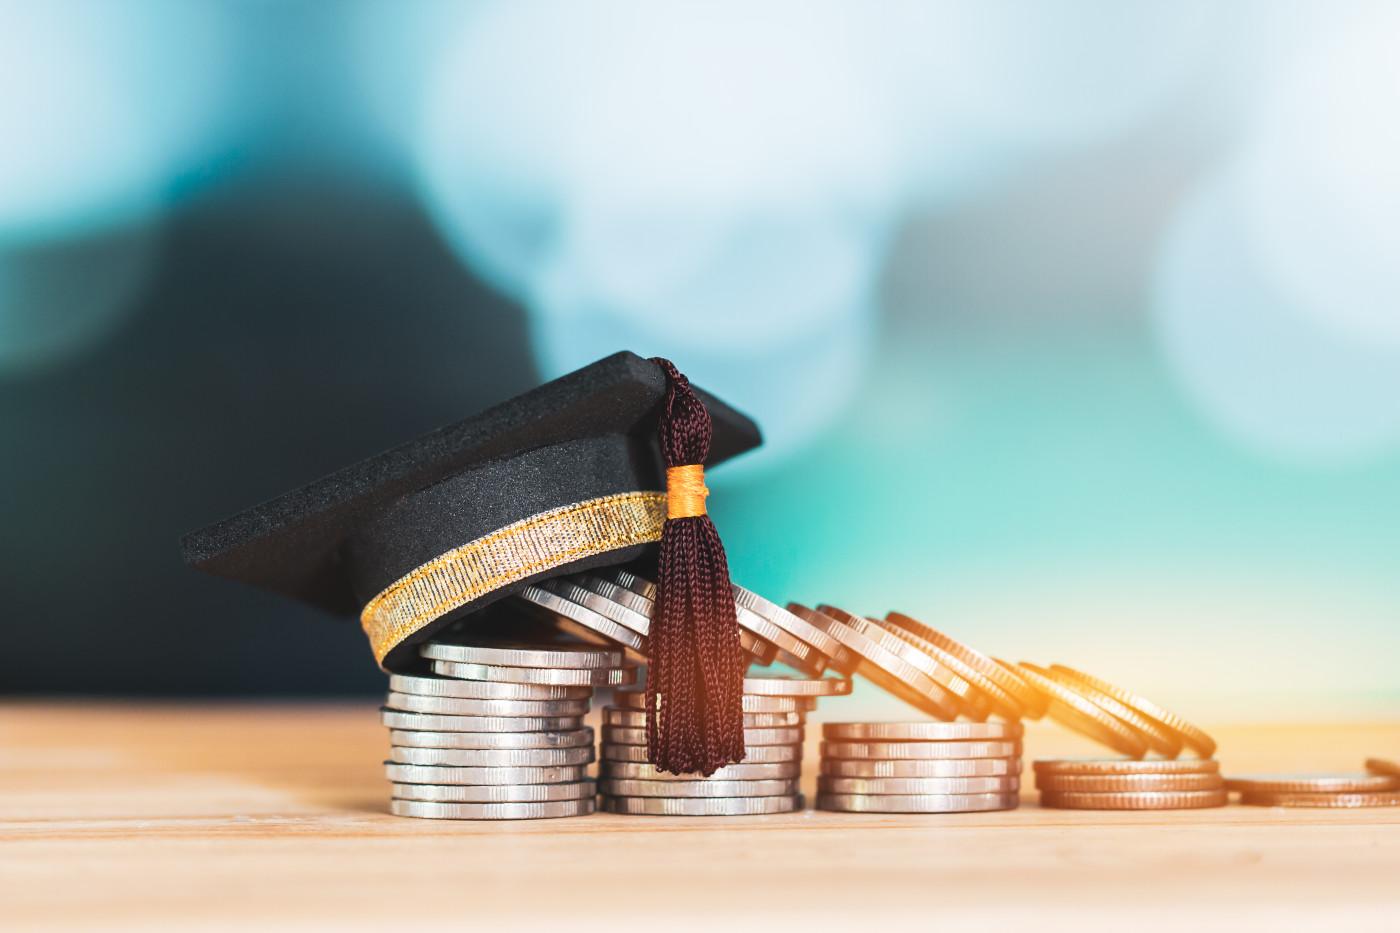 რა არის ფინანსური წიგნიერება?